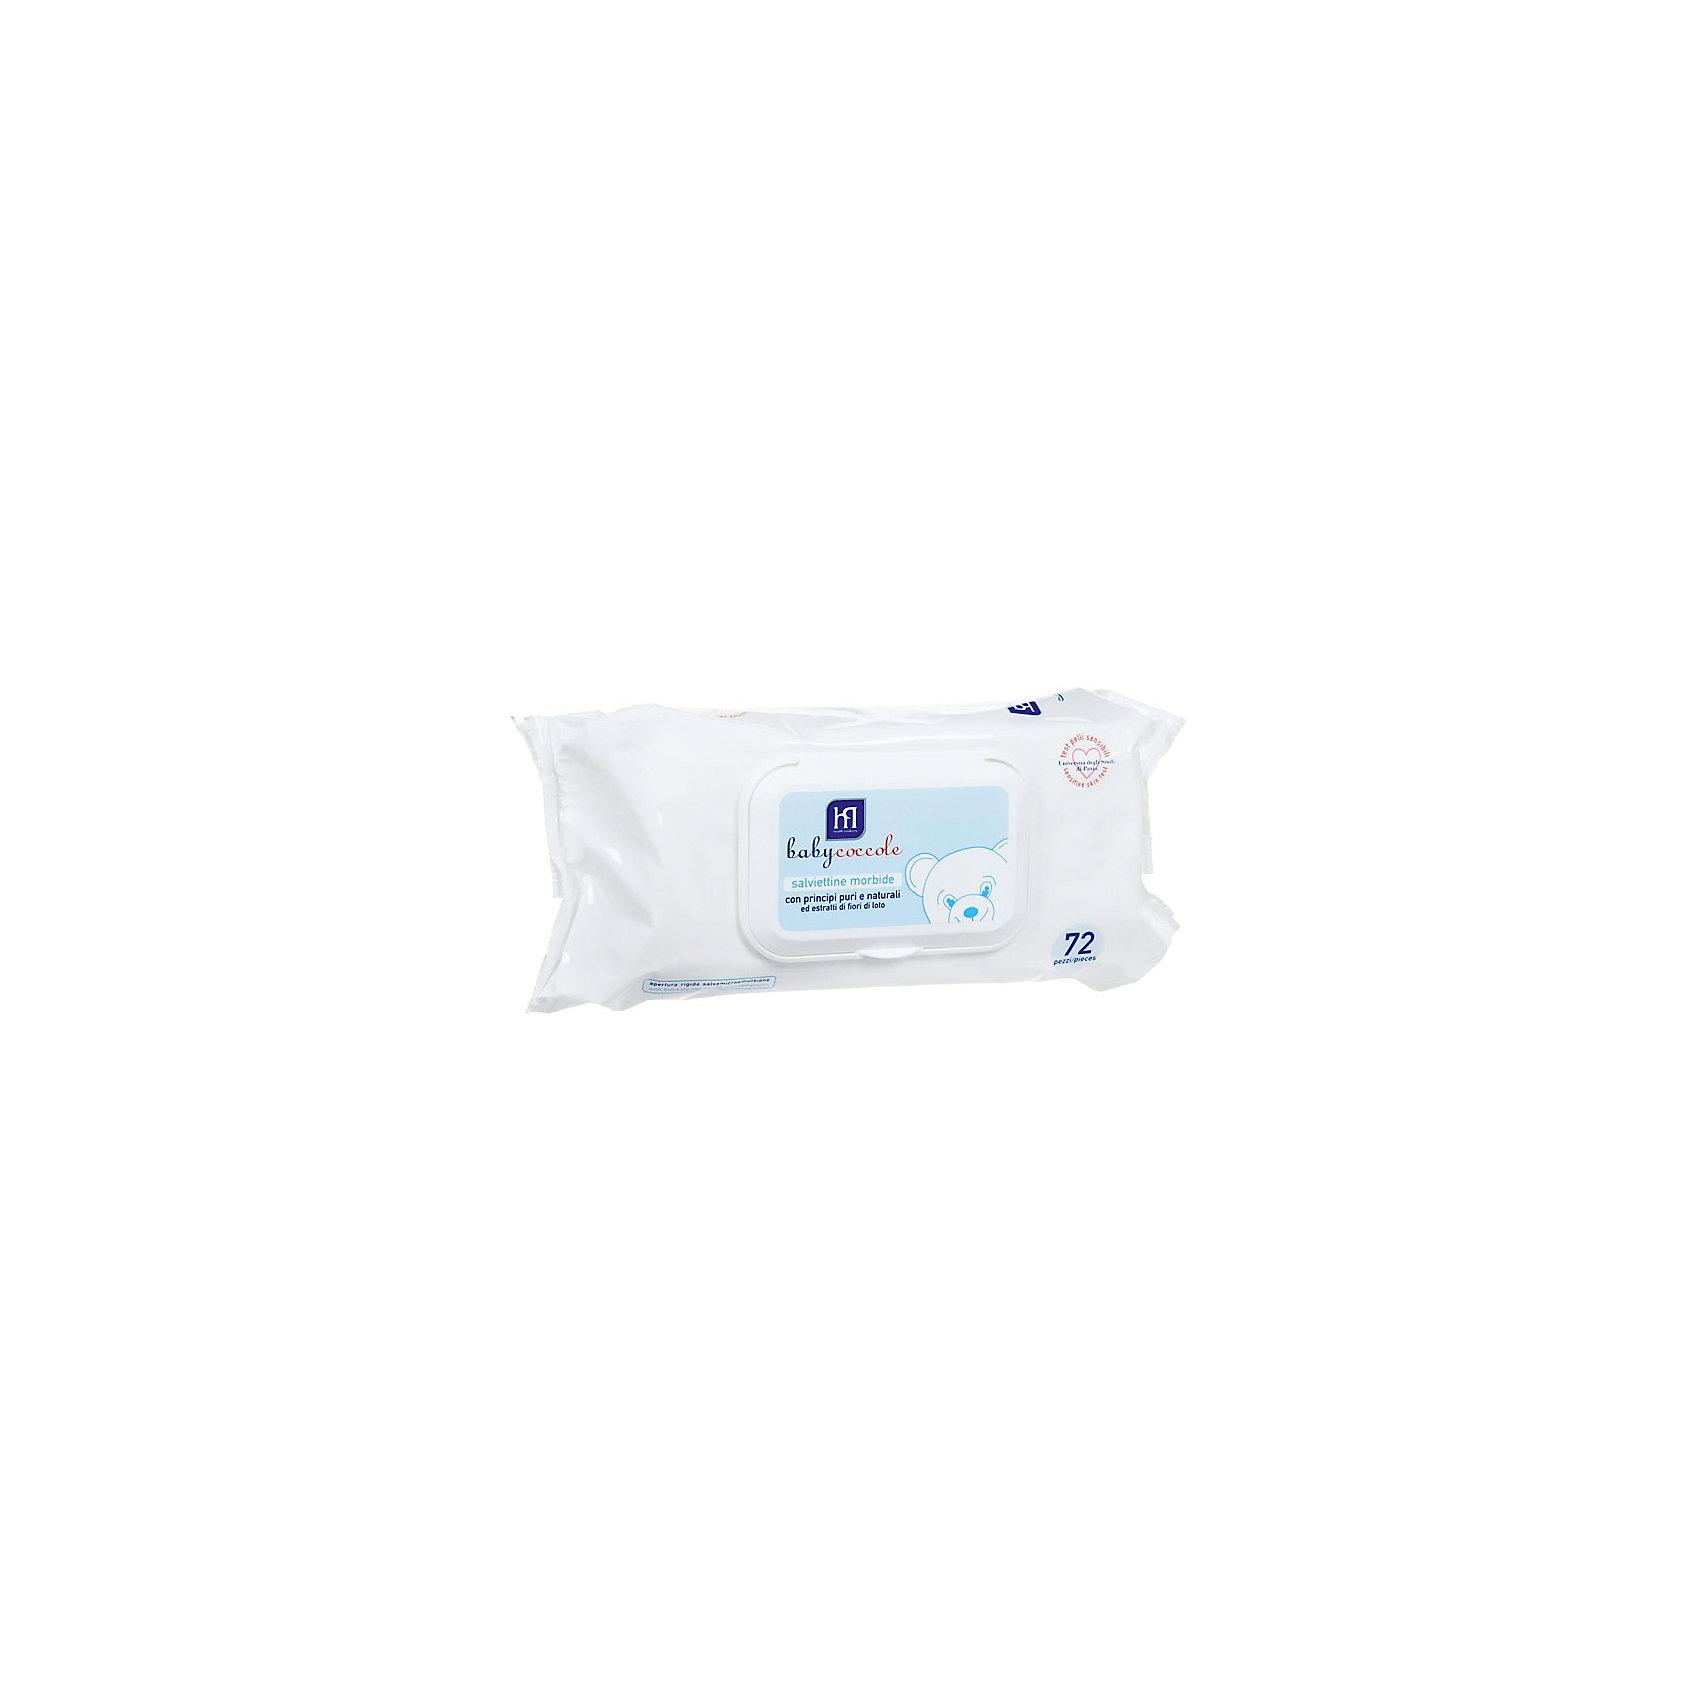 Салфетки очищающие 72 шт., BabycoccoleСалфетки очищающие 72 шт., Babycoccole (Бэбикоколле) - мягкие нетканые салфетки, созданные для заботливого ухода за нежной кожей.<br>Очищающие салфетки Babycoccole (Бэбикоколле) изготовлены из мягкого нетканого материала и для очищения кожи новорожденных и маленьких детей. Они обладают смягчающими и увлажняющими свойствами благодаря чистым и натуральным ингредиентам, таким как бетаглюкан овса и экстракт из цветов лотоса. Необходимы при повседневном использовании, особенно незаменимы при смене подгузника в условиях отсутствия воды и мыла, а также на прогулке, в поликлинике, в гостях. Салфетки гипоаллергенны, обладают физиологическим уровнем pH. Косметика Babycoccole (Бэбикоколле) для ухода за кожей новорожденных – это чистые и натуральные решения, созданные самой природой, потому что они основаны на использовании лучших и наиболее эффективных свойств компонентов растений. Разработана и произведена в лаборатории Betafarma, Италия. Клинически протестирована, соответствует Европейской директиве 2003/15/СЕЕ, которая регулирует вопрос о недопустимости в содержании аллергических веществ. Для косметических средств характерен легкий мягкий запах мускуса с цитрусовой ноткой, который так подходит и нравится детям.<br><br>Дополнительная информация:<br><br>- Количество: 72 шт.<br>- Не содержат спирта, не сушат кожу<br>- Удобная упаковка снабжена крышкой, которая позволяет многократно открывать и закрывать упаковку, сохраняя при этом все свойства салфеток<br><br>Салфетки очищающие 72 шт., Babycoccole (Бэбикоколле) можно купить в нашем интернет-магазине.<br><br>Ширина мм: 100<br>Глубина мм: 190<br>Высота мм: 50<br>Вес г: 620<br>Возраст от месяцев: 0<br>Возраст до месяцев: 36<br>Пол: Унисекс<br>Возраст: Детский<br>SKU: 4701923